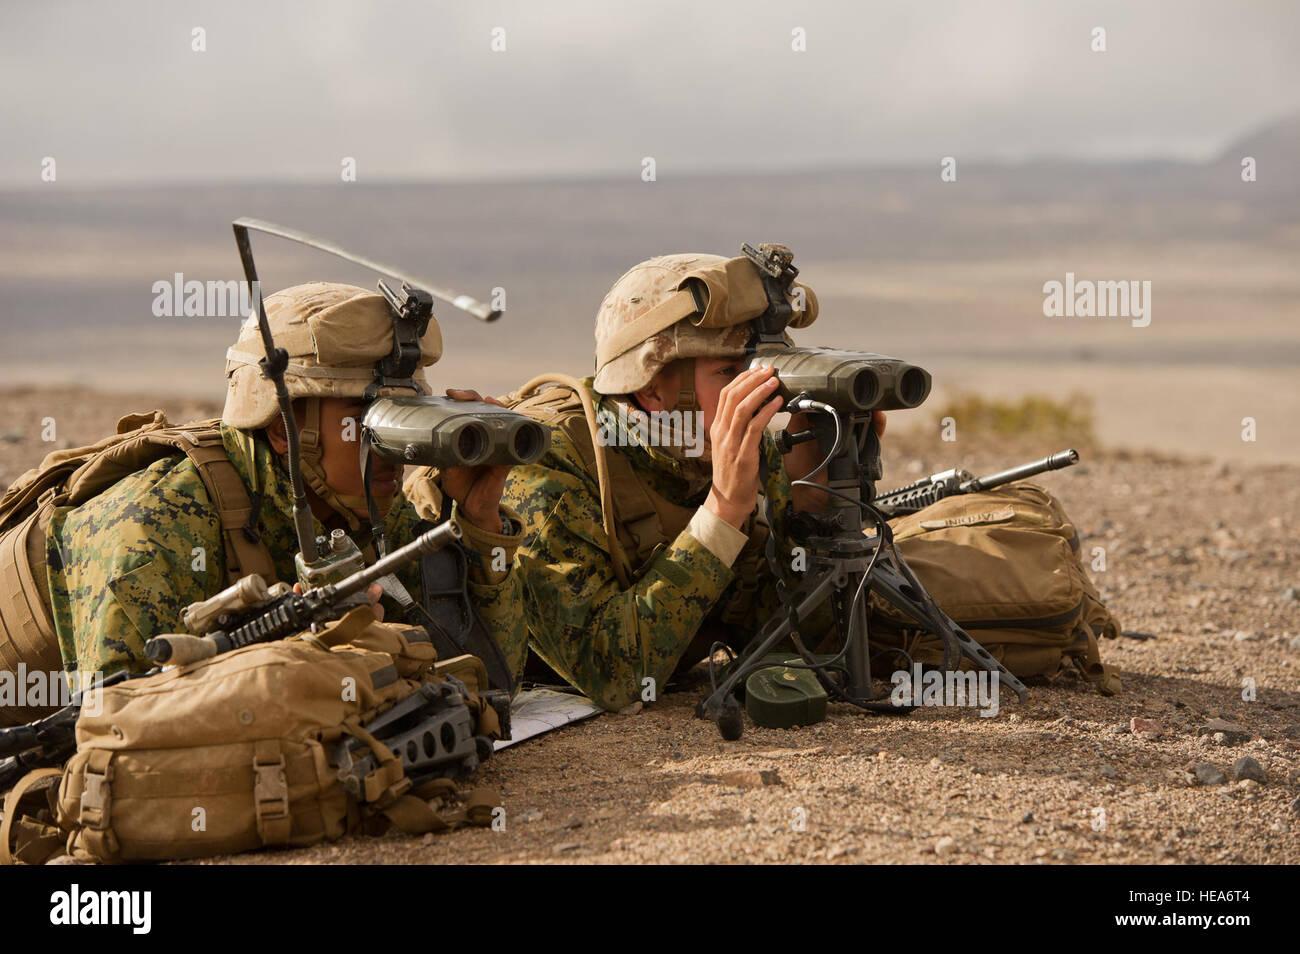 Laser Entfernungsmesser Wasseroberfläche : Scout observer stockfotos & bilder alamy